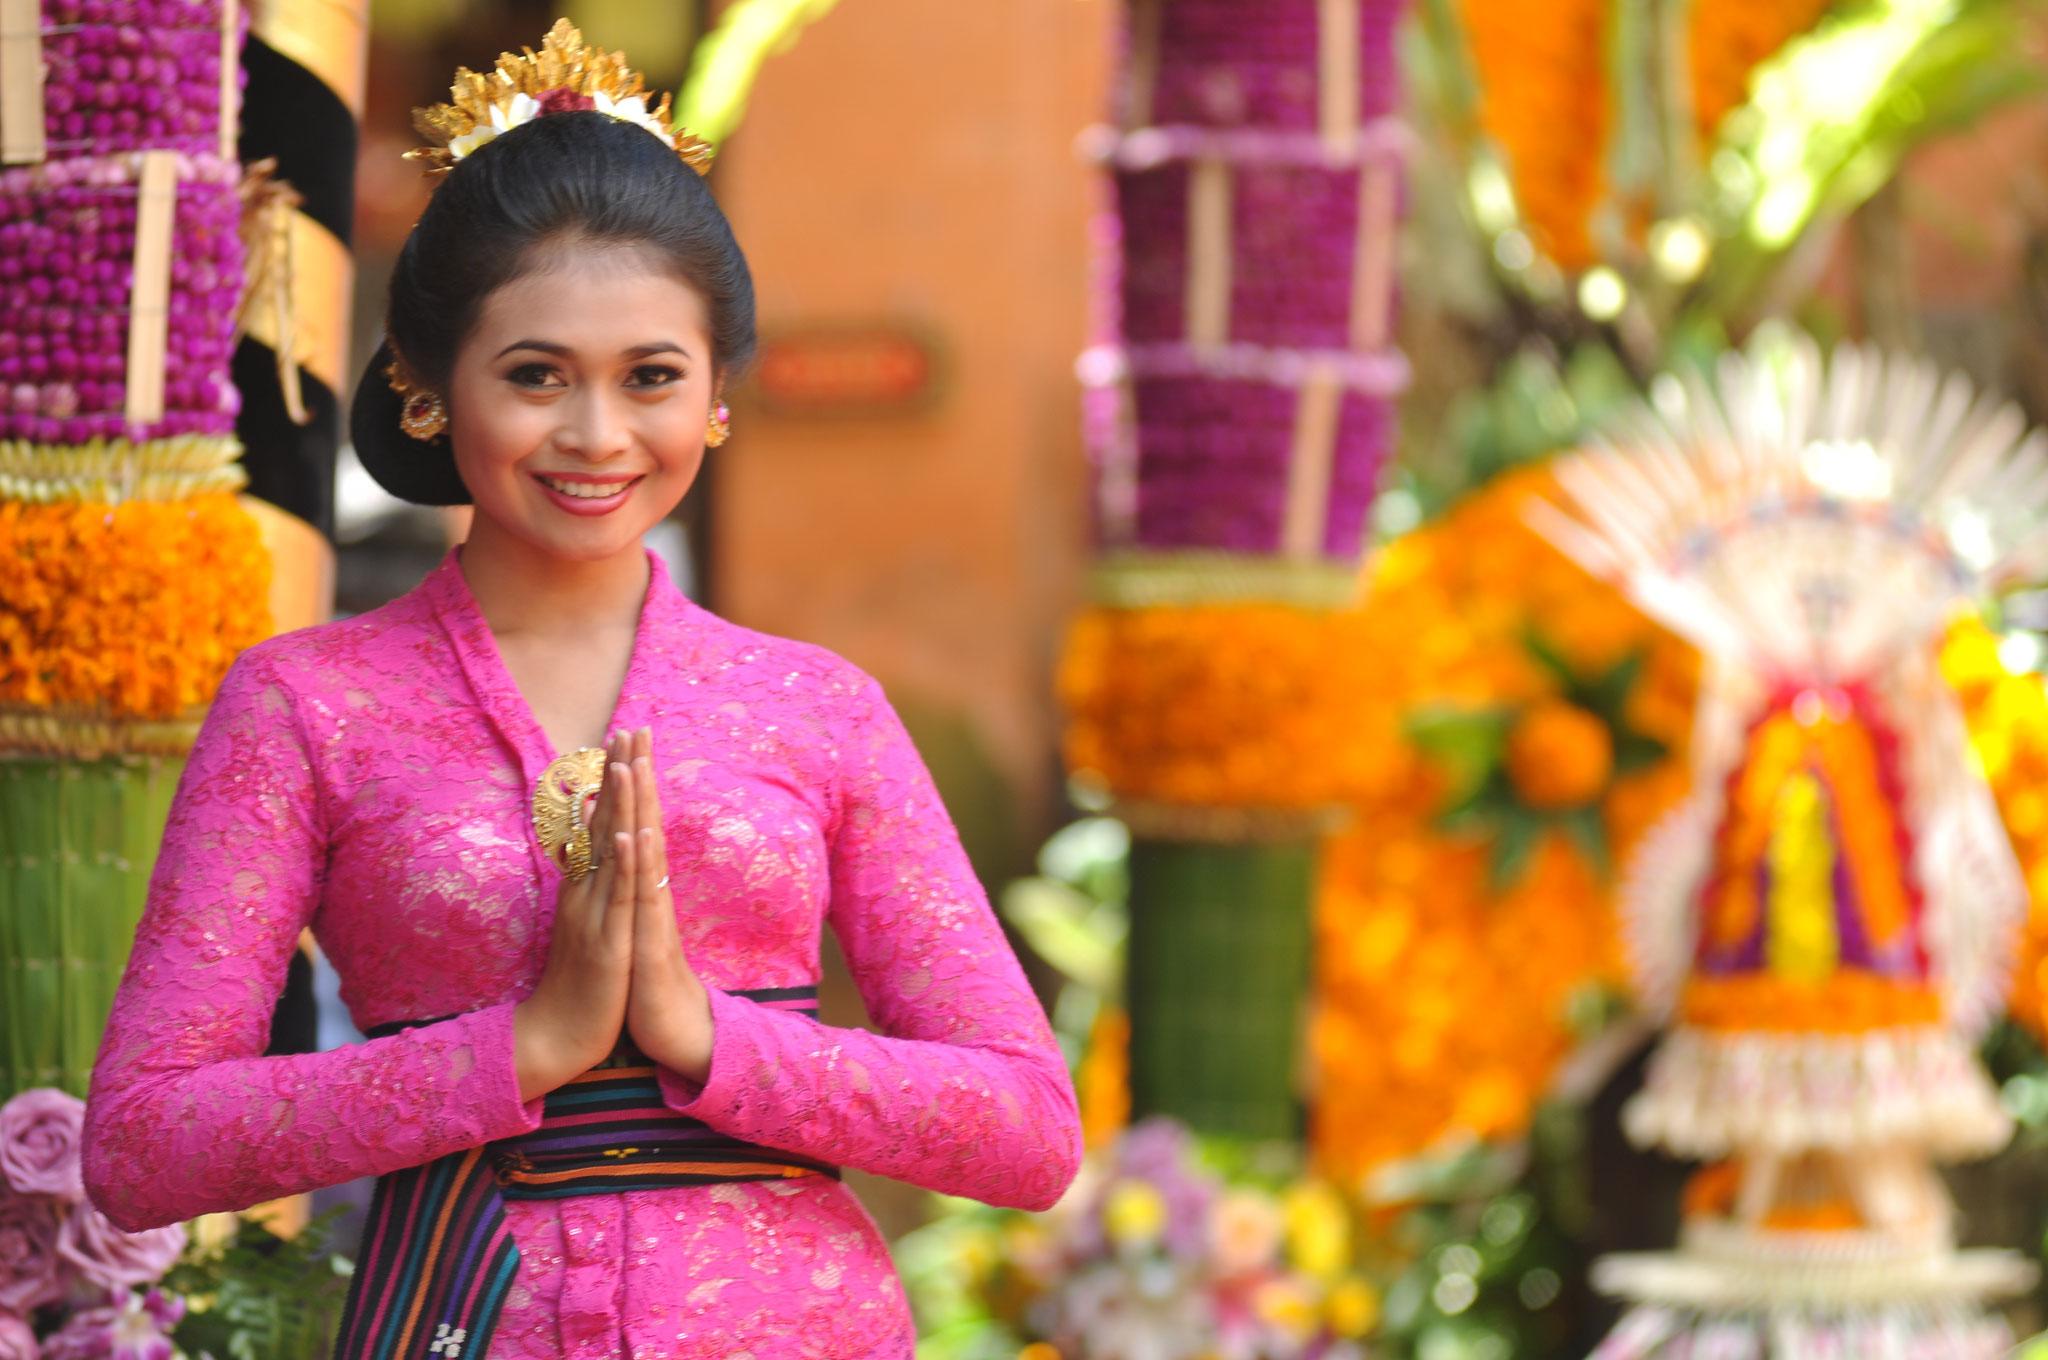 Willkommen auf Bali